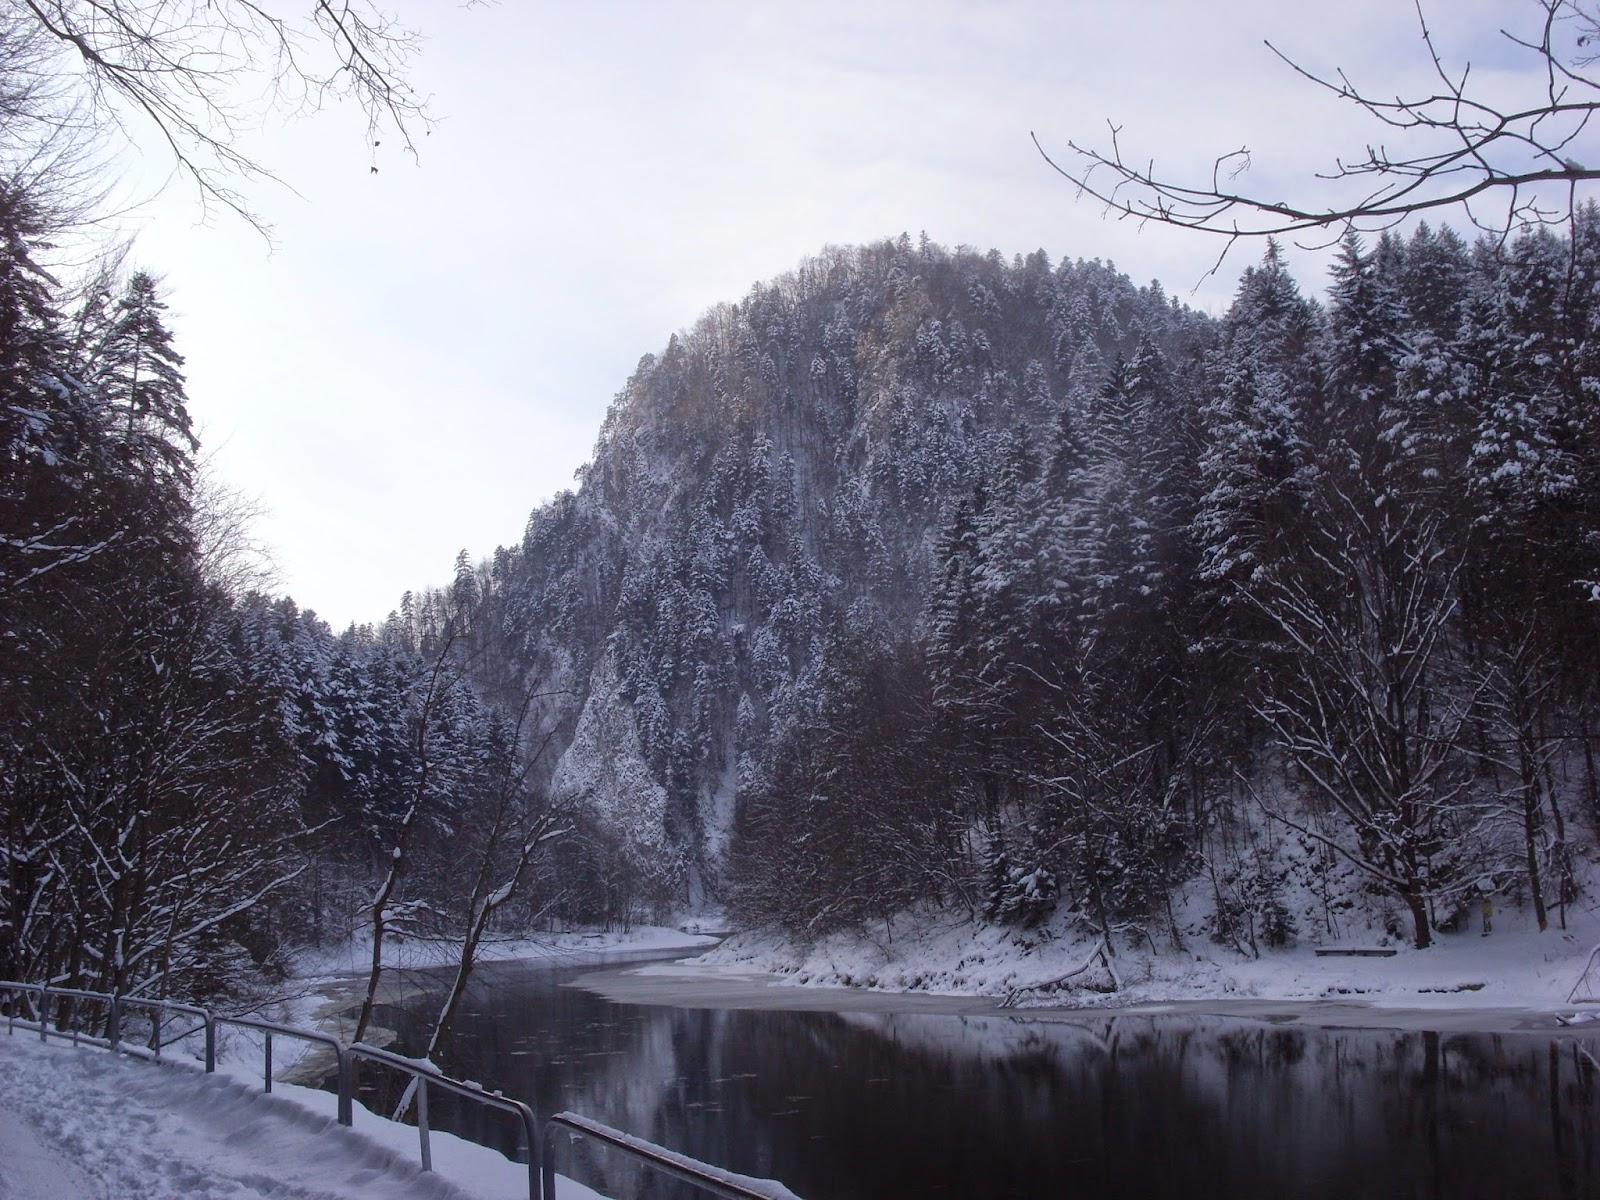 Droga do Czerwonego Klasztoru zimą